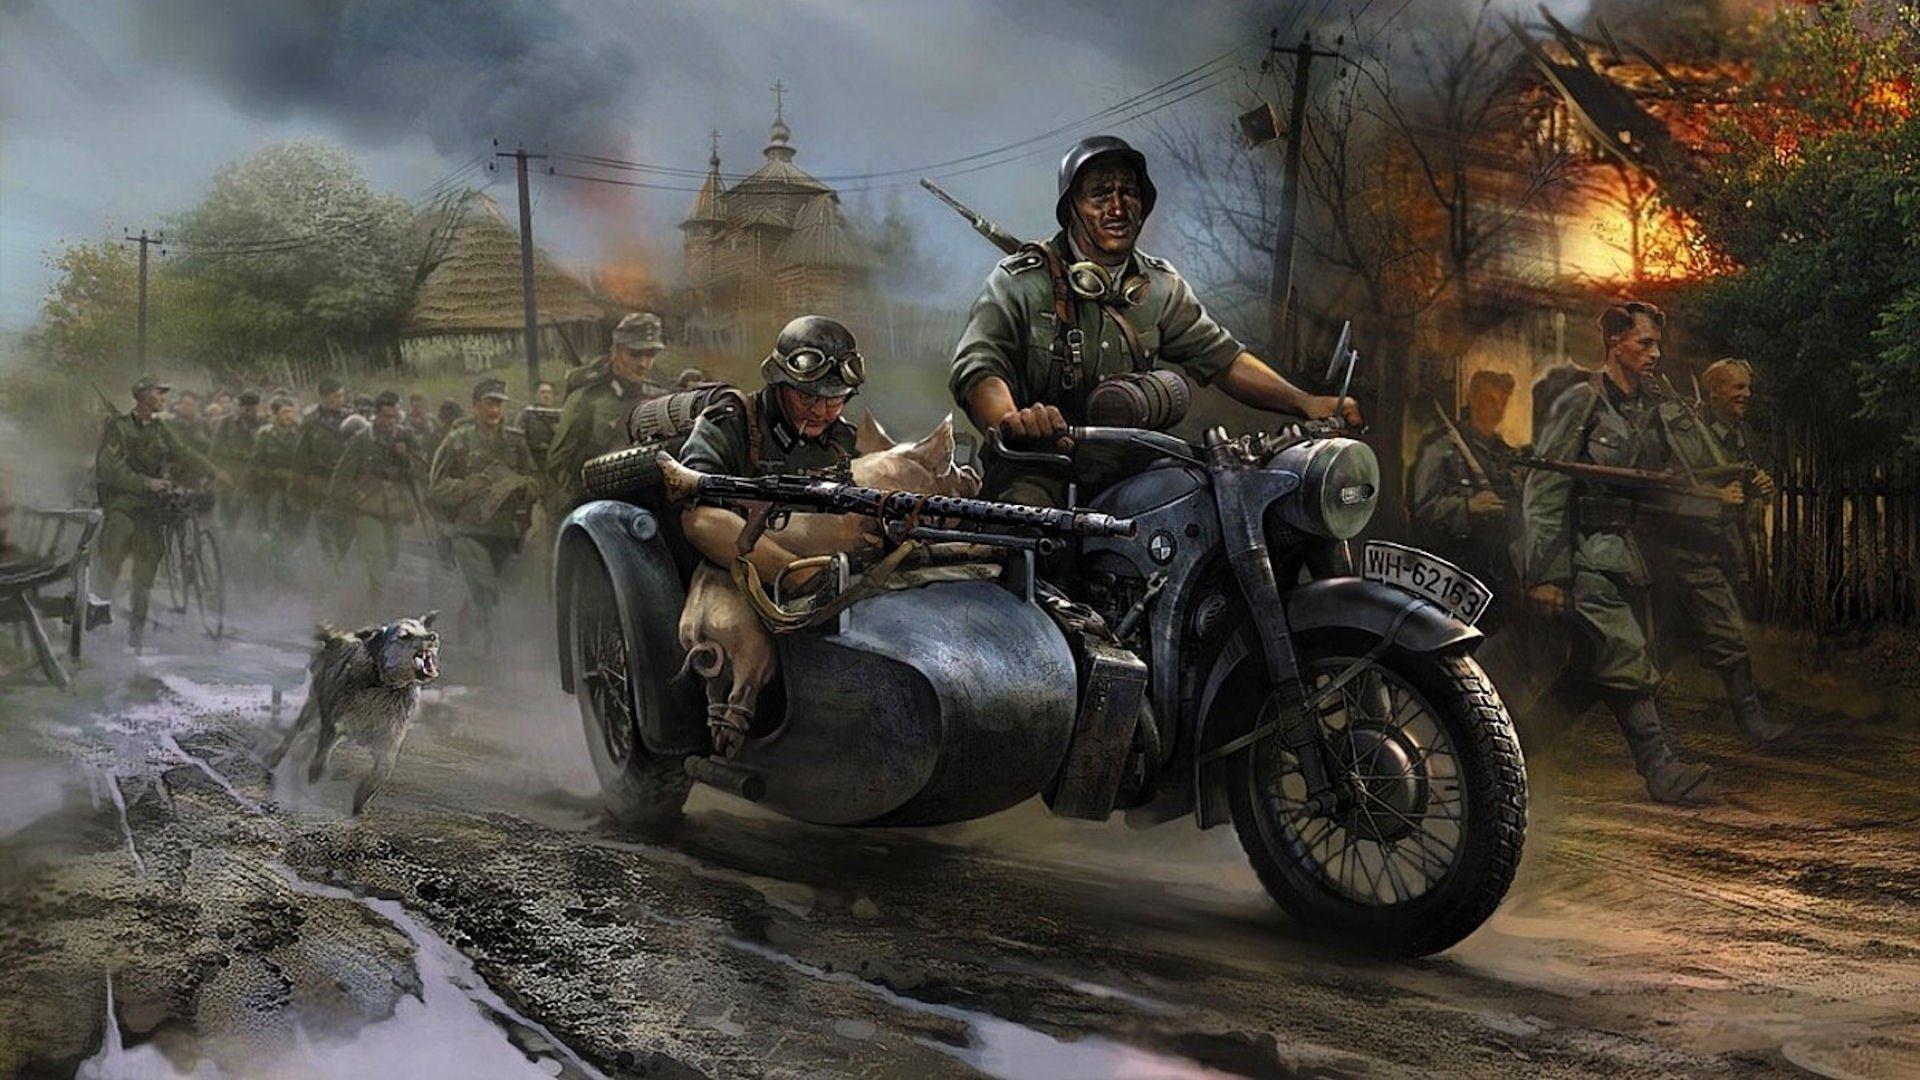 У Києві почали патрулювання вулиць 16 поліцейських на мотоциклах - Цензор.НЕТ 3693